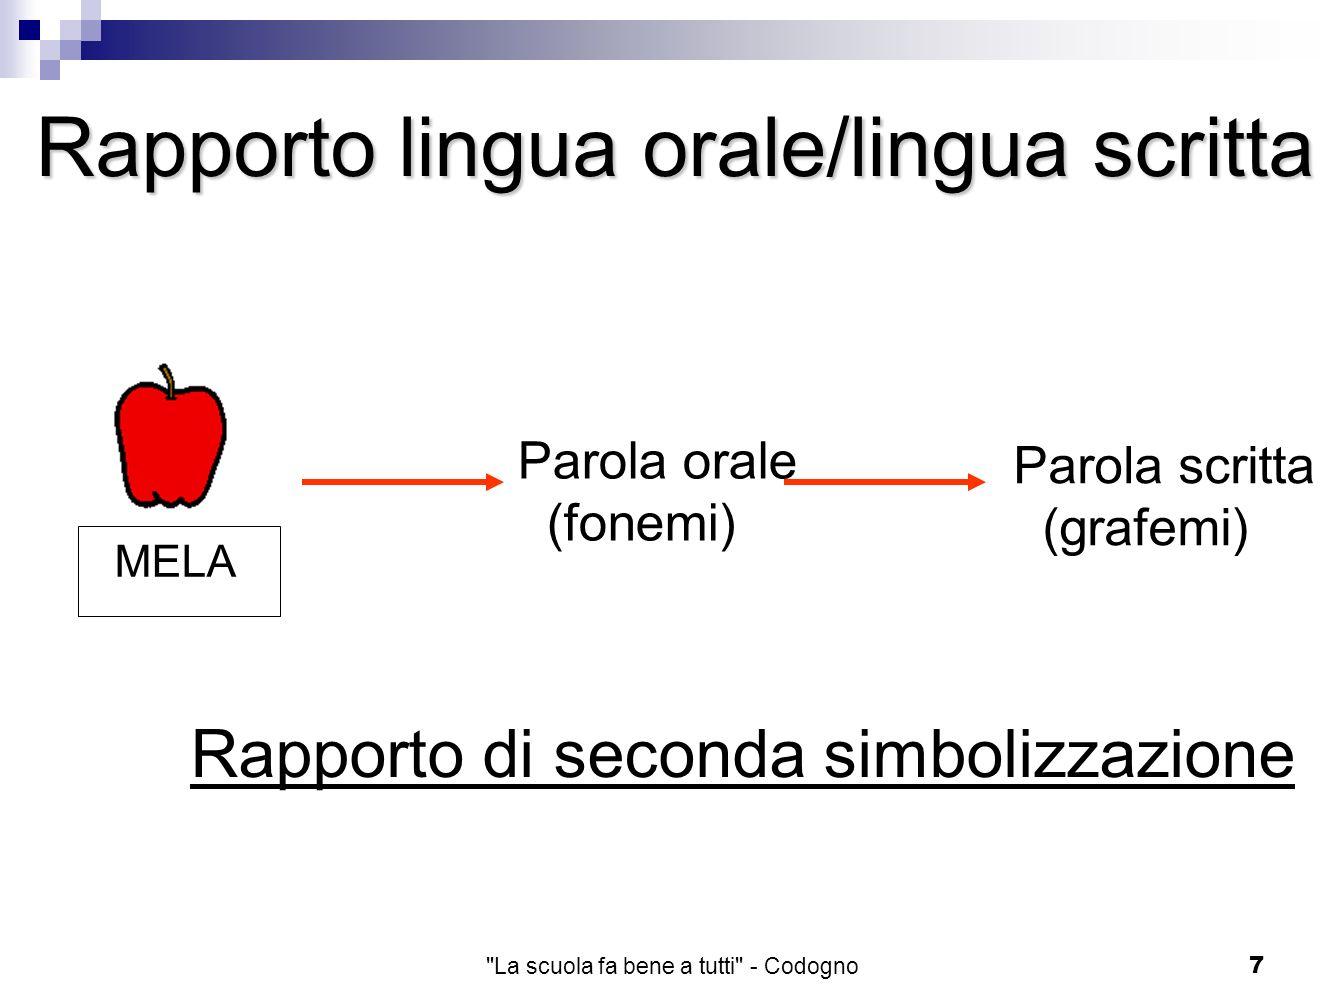 La scuola fa bene a tutti - Codogno7 Rapporto di seconda simbolizzazione Parola orale (fonemi) Parola scritta (grafemi) MELA Rapporto lingua orale/lingua scritta